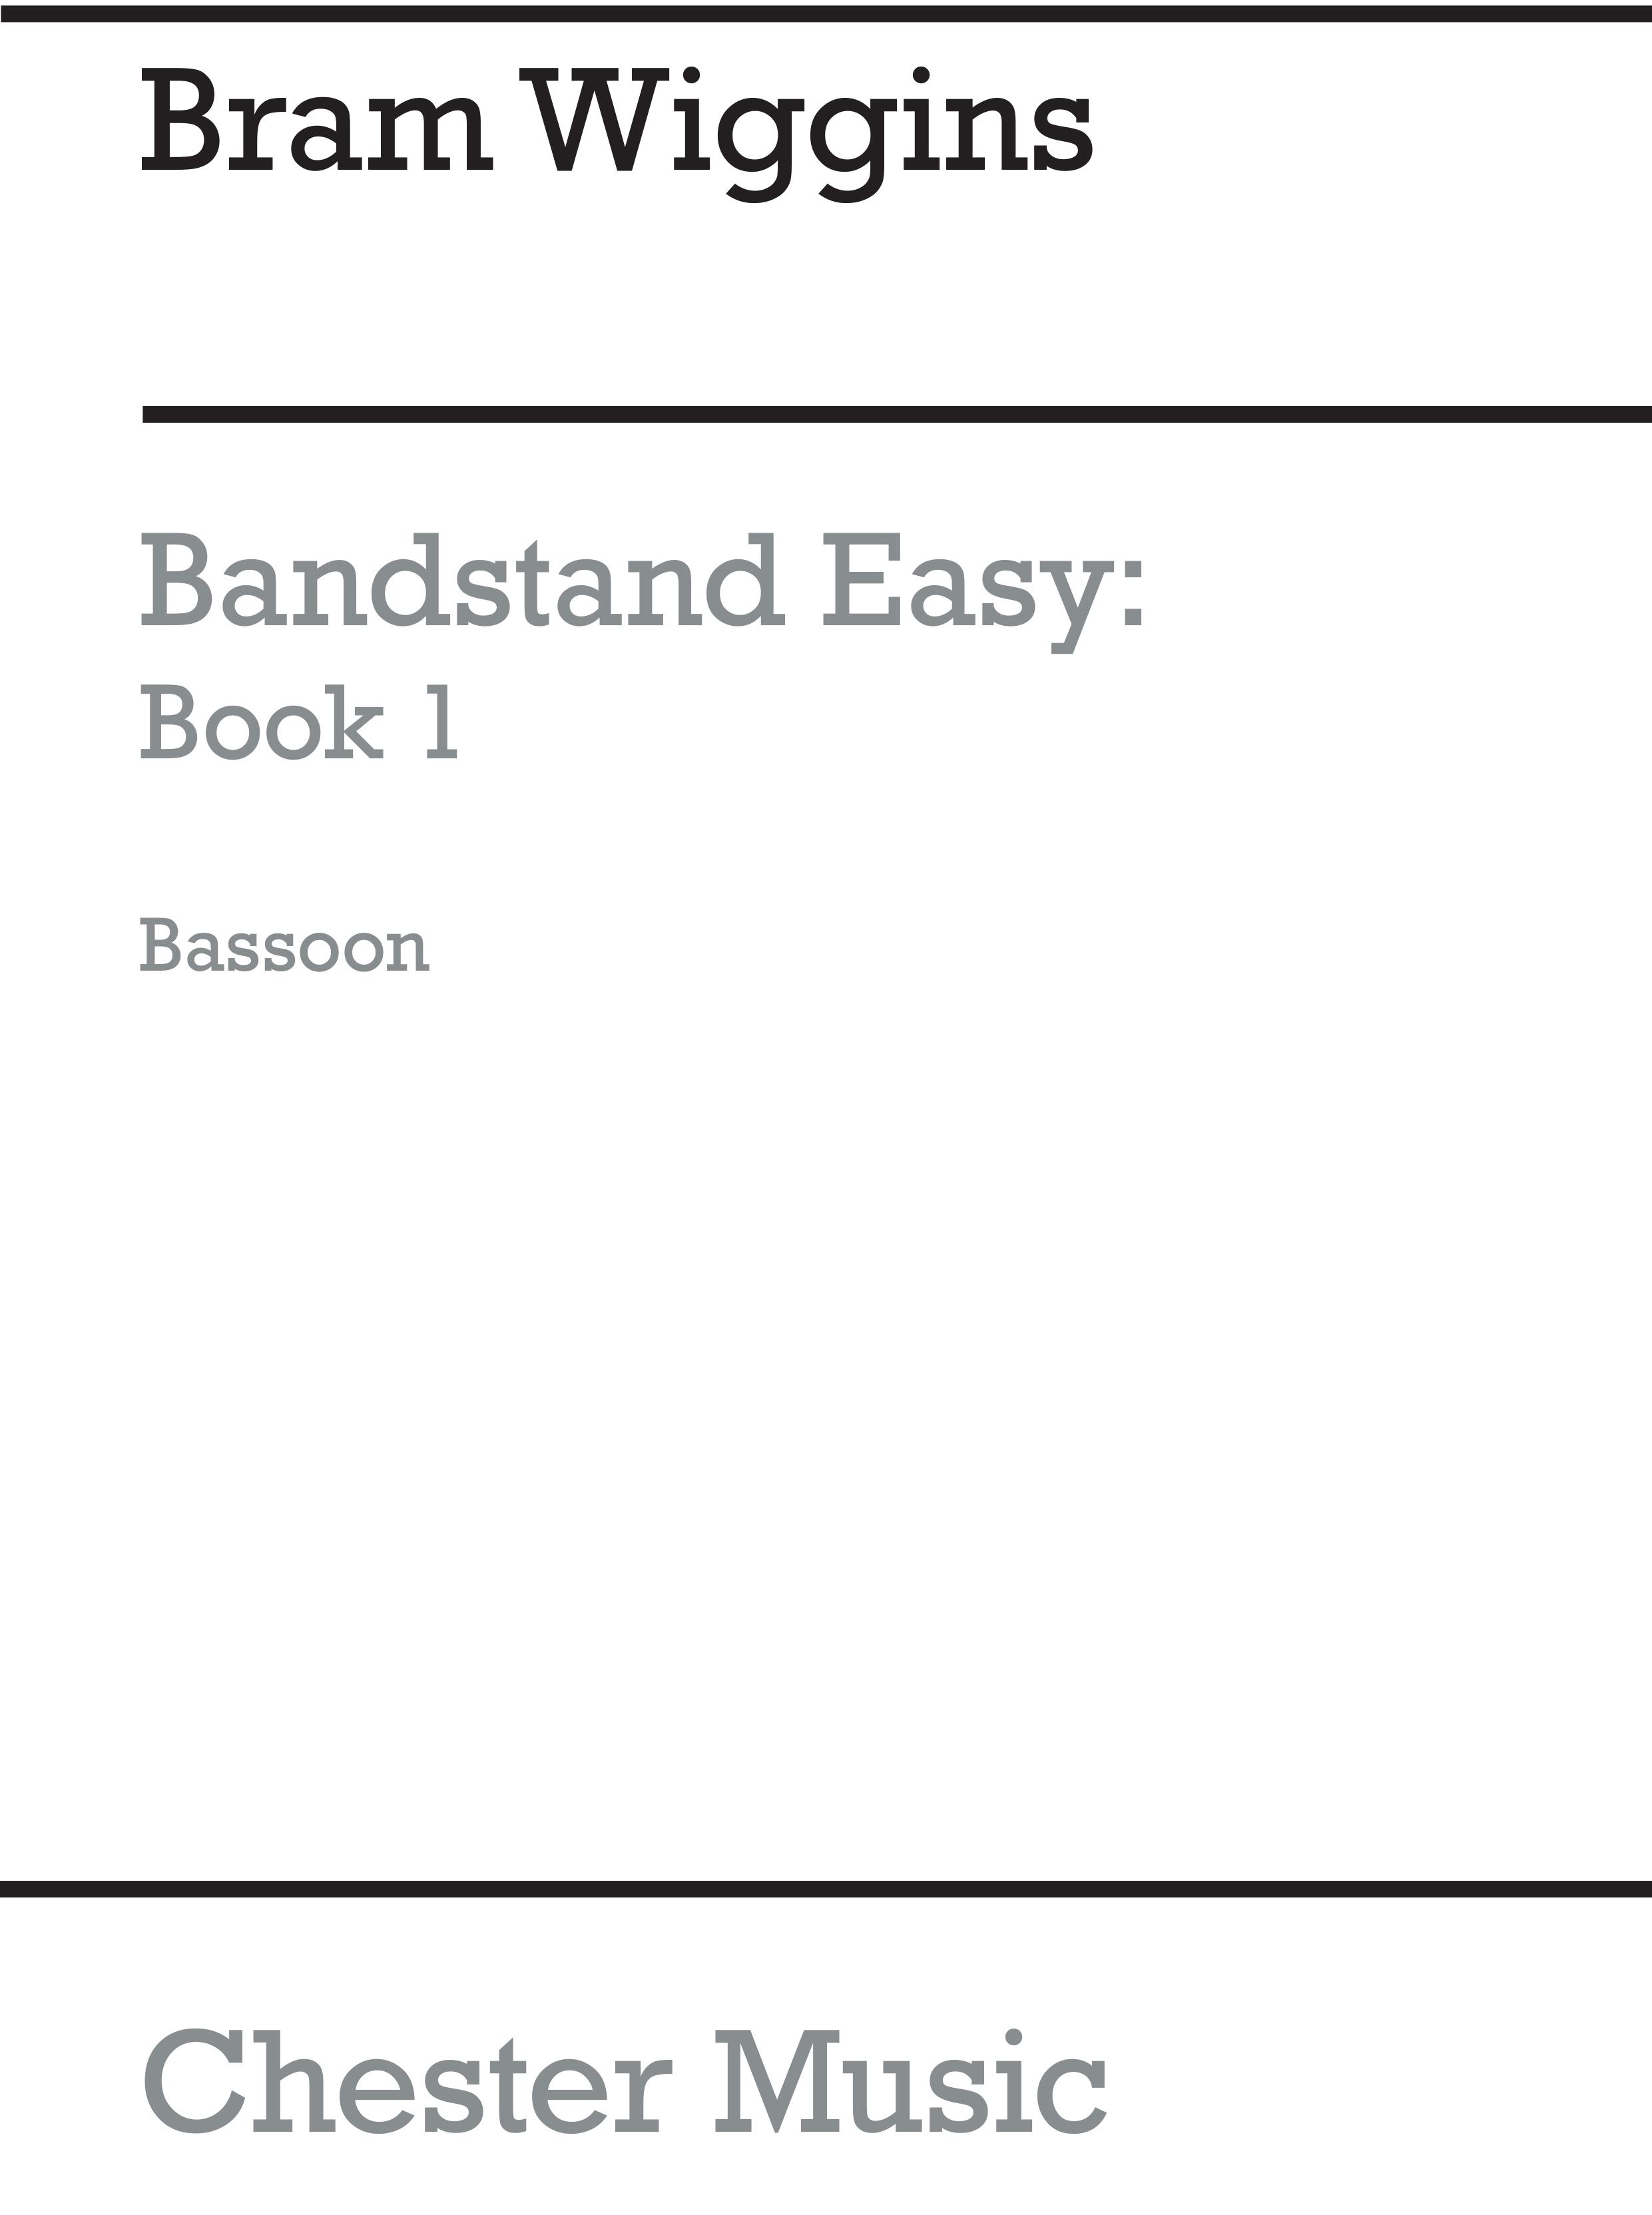 Bram Wiggins: Bandstand Easy 1 (Bassoon): Concert Band: Part